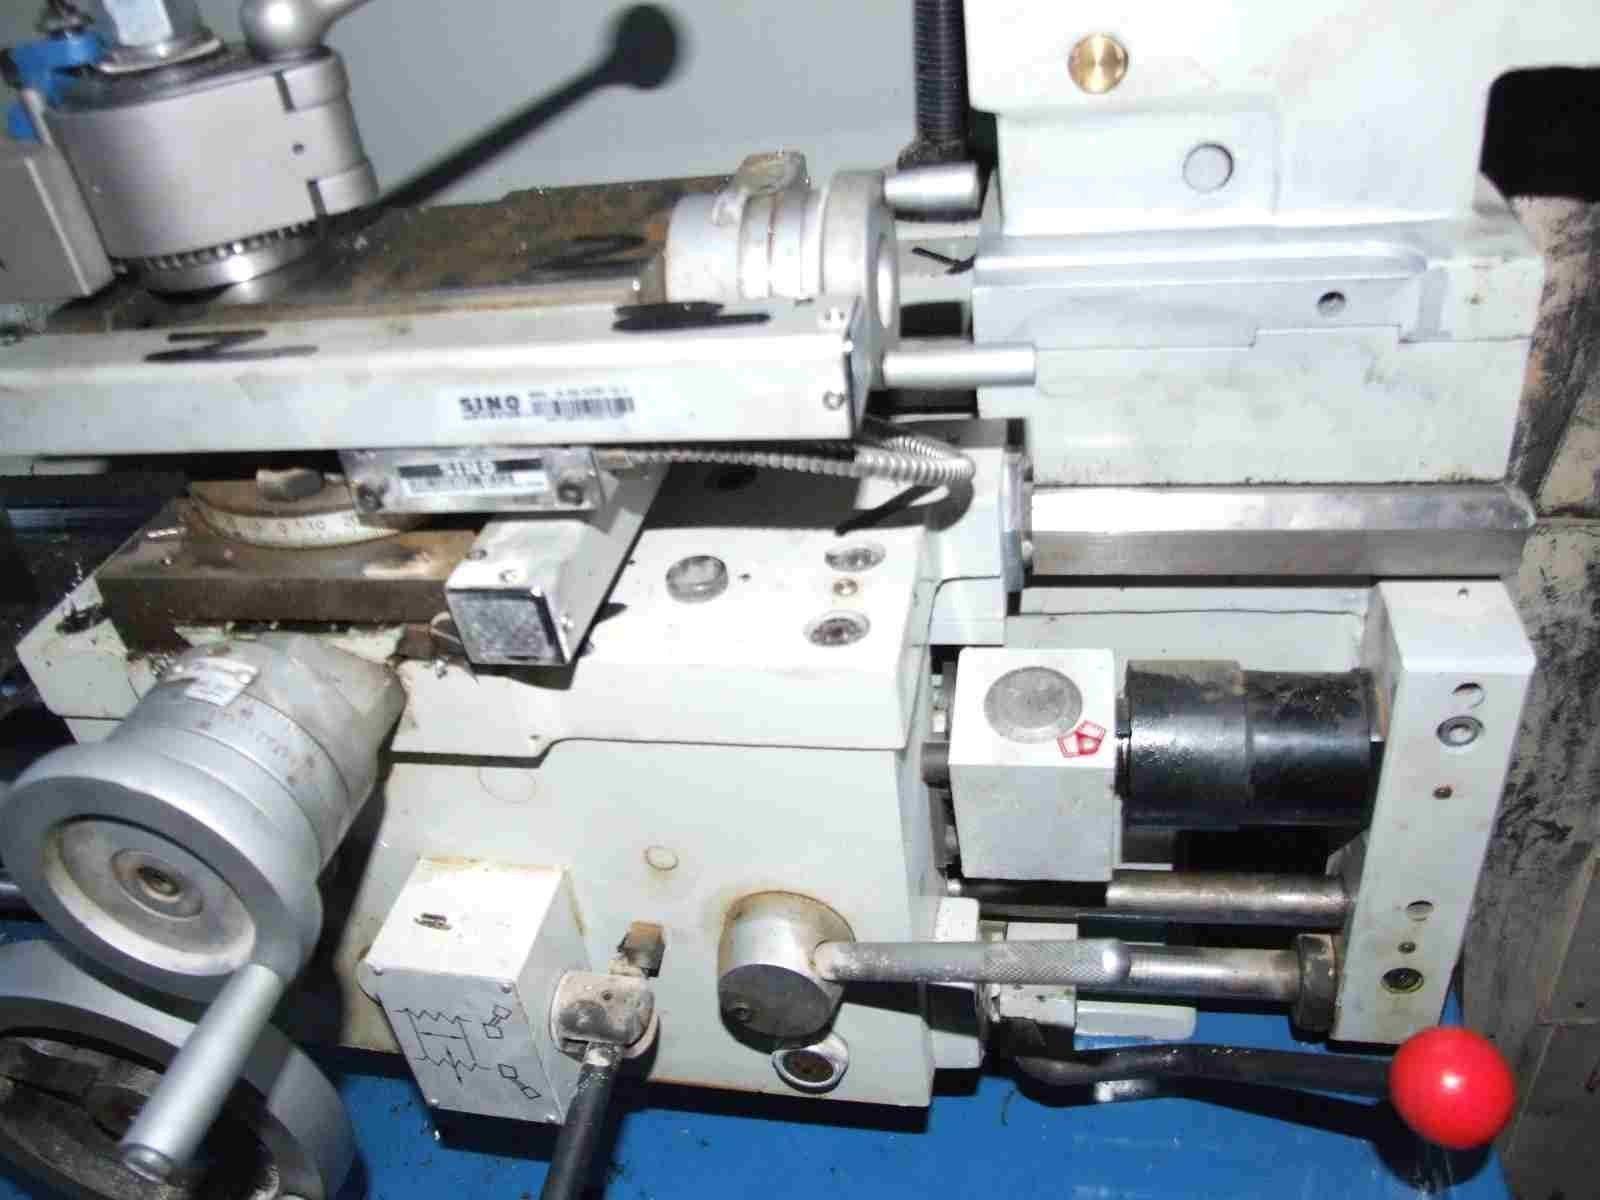 DSCF9243.JPG